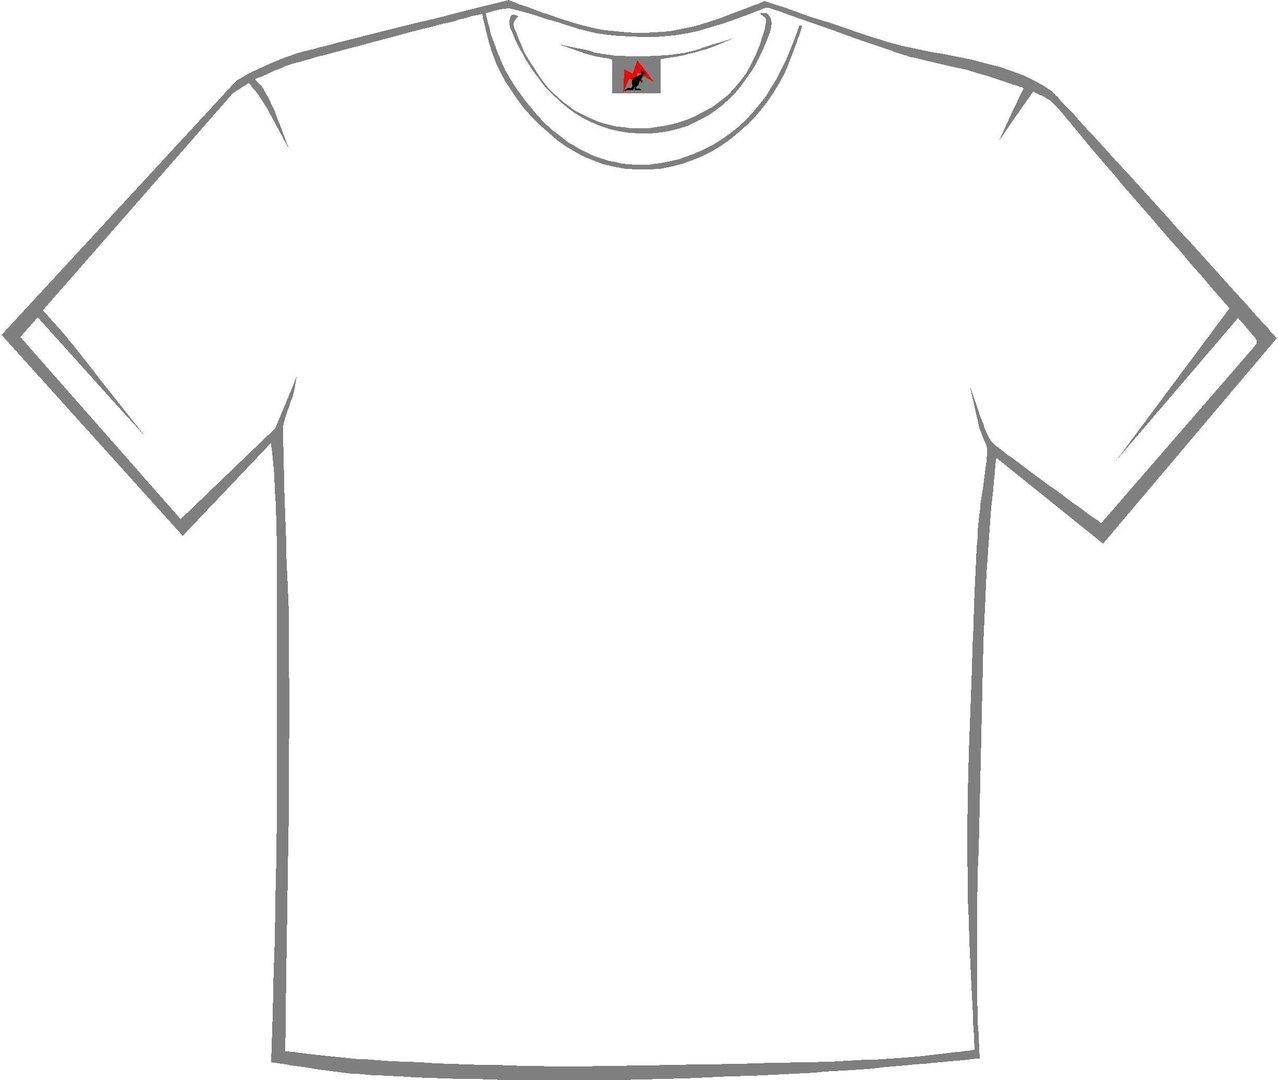 camiseta de españa para colorear